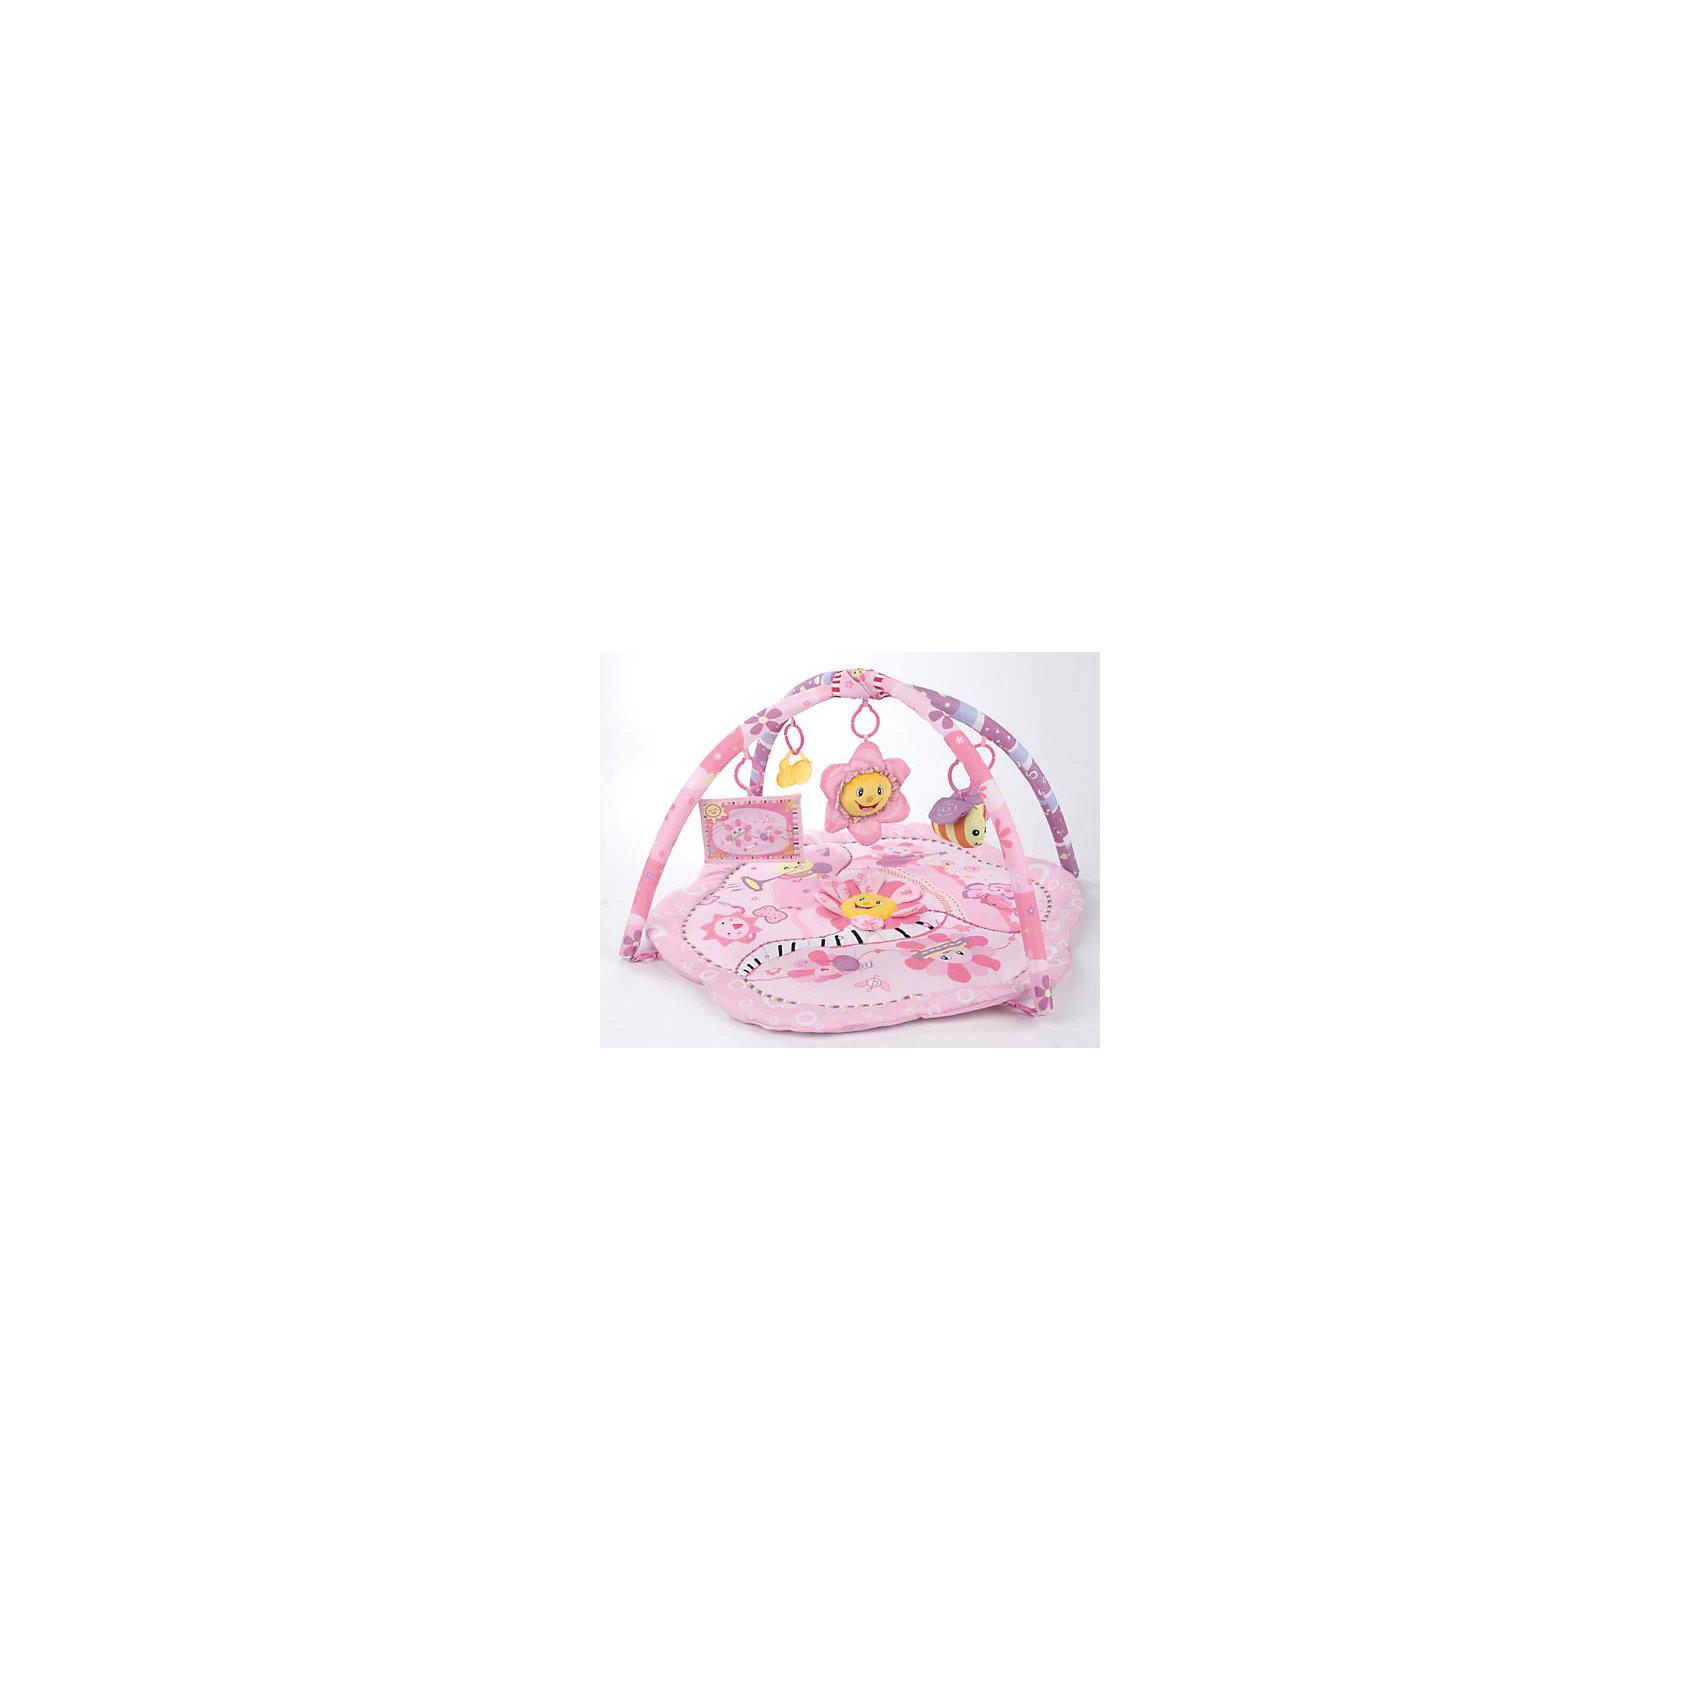 Развивающий коврик с подвесными игрушками Розовый сон, Leader kidsХарактеристики:<br><br>• Предназначение: для развития<br>• Возраст: от 0 до 3 лет<br>• Пол: для девочки<br>• Цвет: оттенки розового, фиолетовый, желтый, белый<br>• Тематика рисунка: цветы<br>• Материал: полиэстер, пластик<br>• Комплектация: коврик, две дуги с петлями для подвешивания игрушек, 2 погремушки: цветочек и пчела, прорезыватель-пчелка, двухсторонняя фото-рамка<br>• Размеры (Ш*Д): 76*76 см<br>• Наличие различных звуковых и шумовых эффектов<br>• Вес: 900 г <br>• Особенности ухода: допускается деликатная стирка без использования красящих и отбеливающих средств<br><br>Развивающий коврик с подвесными игрушками Розовый сон, Leader kids производителем которого является отечественный торговый бренд, предназначен для детей от 3 месяцев. Основание коврика выполнено в форме большого цветка, к основанию за счет пластиковых крючков закрепляются две дуги, на которые подвешиваются погремушки. В комплекте предусотрены: две мягкие погремушки в форме цветка и в форме пчелки, один прорезыватель в форме пчелки и одна фоторамка-кармашек из текстиля. На основании коврика также предусмотрены игровые объемные элементы. Коврик выполнен из экологически безопасных материалов, у игрушек отсутствуют острые углы и твердые элементы. Игры на развивающем коврике с подвесными игрушками Розовый сон, Leader kids будут способствовать зрительному и слуховому восприятию. Кроме того, различные по фактуре игровые элементы позволят развивать у ребенка тактильные ощущения и мелкой моторики рук. Развивающий коврик с подвесными игрушками Розовый сон, Leader kids доставит много радости Вашему ребенку.<br><br>Развивающий коврик с подвесными игрушками Розовый сон, Leader kids можно купить в нашем интернет-магазине.<br><br>Ширина мм: 840<br>Глубина мм: 450<br>Высота мм: 760<br>Вес г: 1066<br>Возраст от месяцев: 3<br>Возраст до месяцев: 36<br>Пол: Женский<br>Возраст: Детский<br>SKU: 4797312